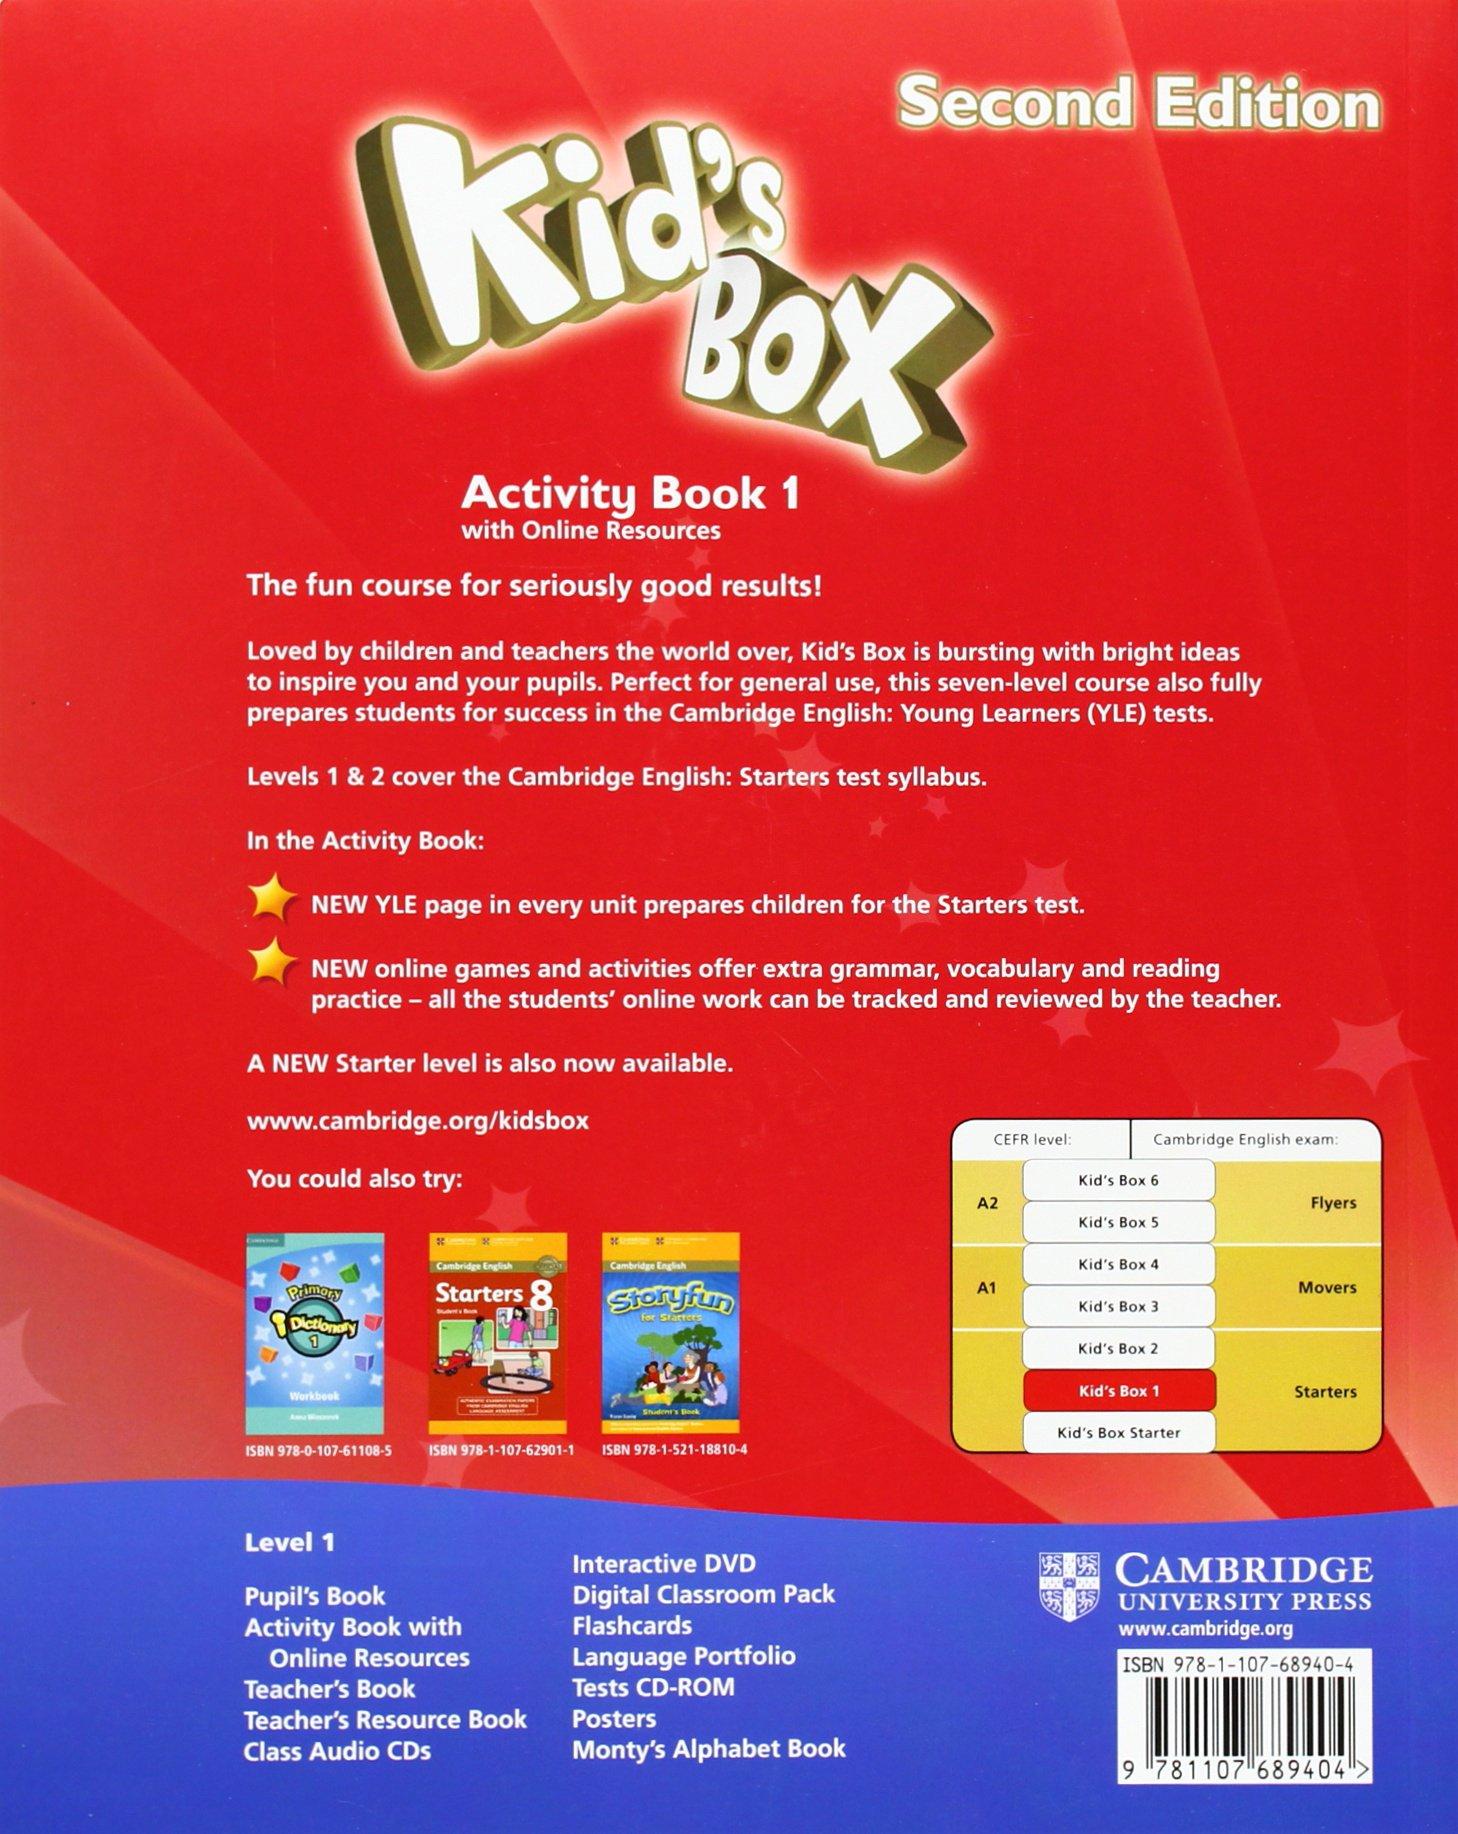 Kid's Box Level 1 Activity Book with Online Resources Second Edition -  9781107689404: Amazon.es: Caroline Nixon, Michael Tomlinson: Libros en  idiomas ...